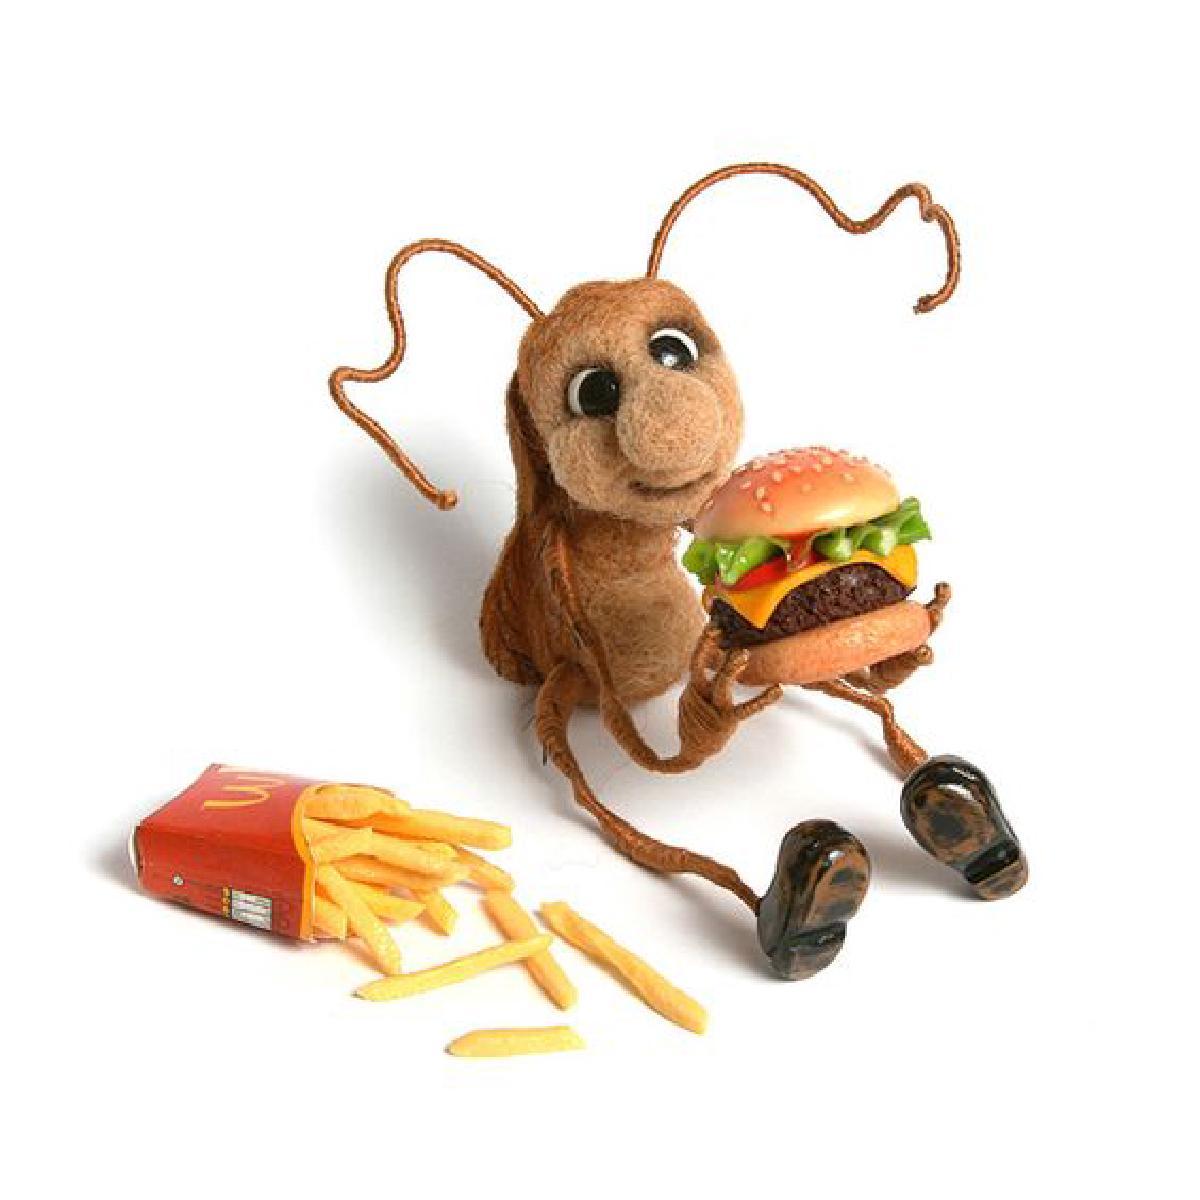 รูปบทความ 'กำจัดแมลงสาบ' แบบง่ายๆ แต่ใช้ได้ผลจริง!